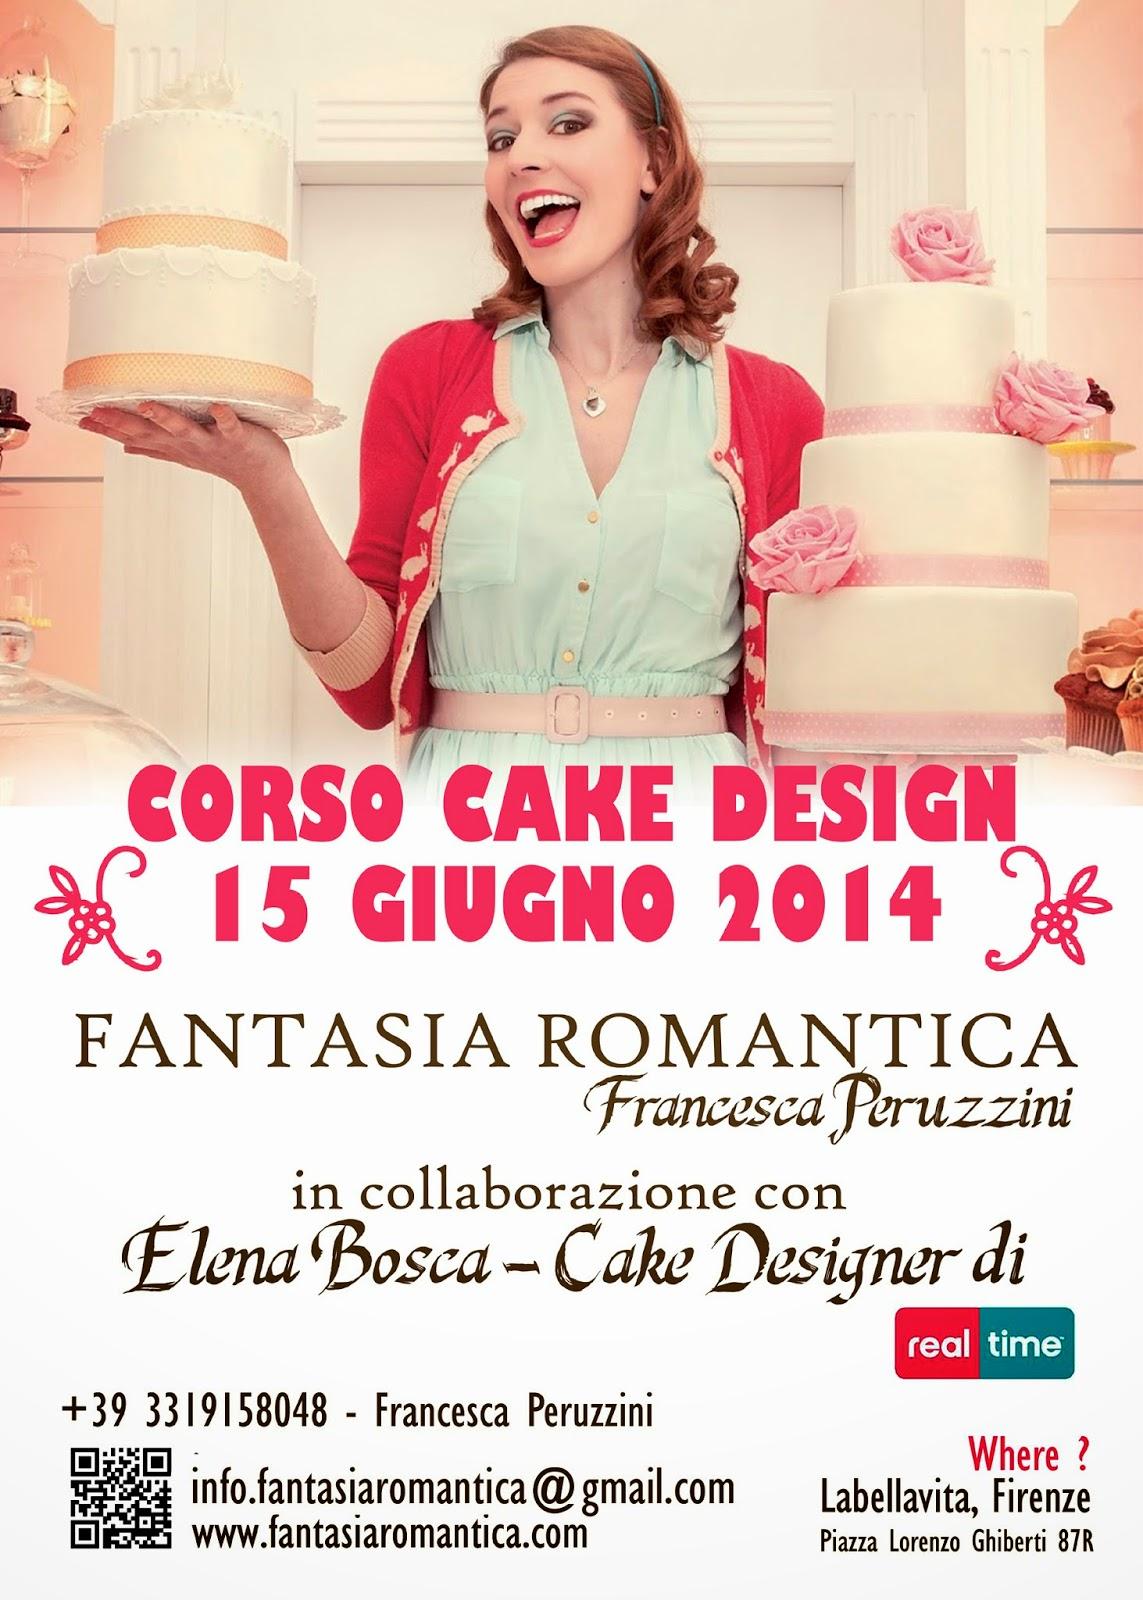 Fantasia romantica proposal wedding events planning for Corso di designer